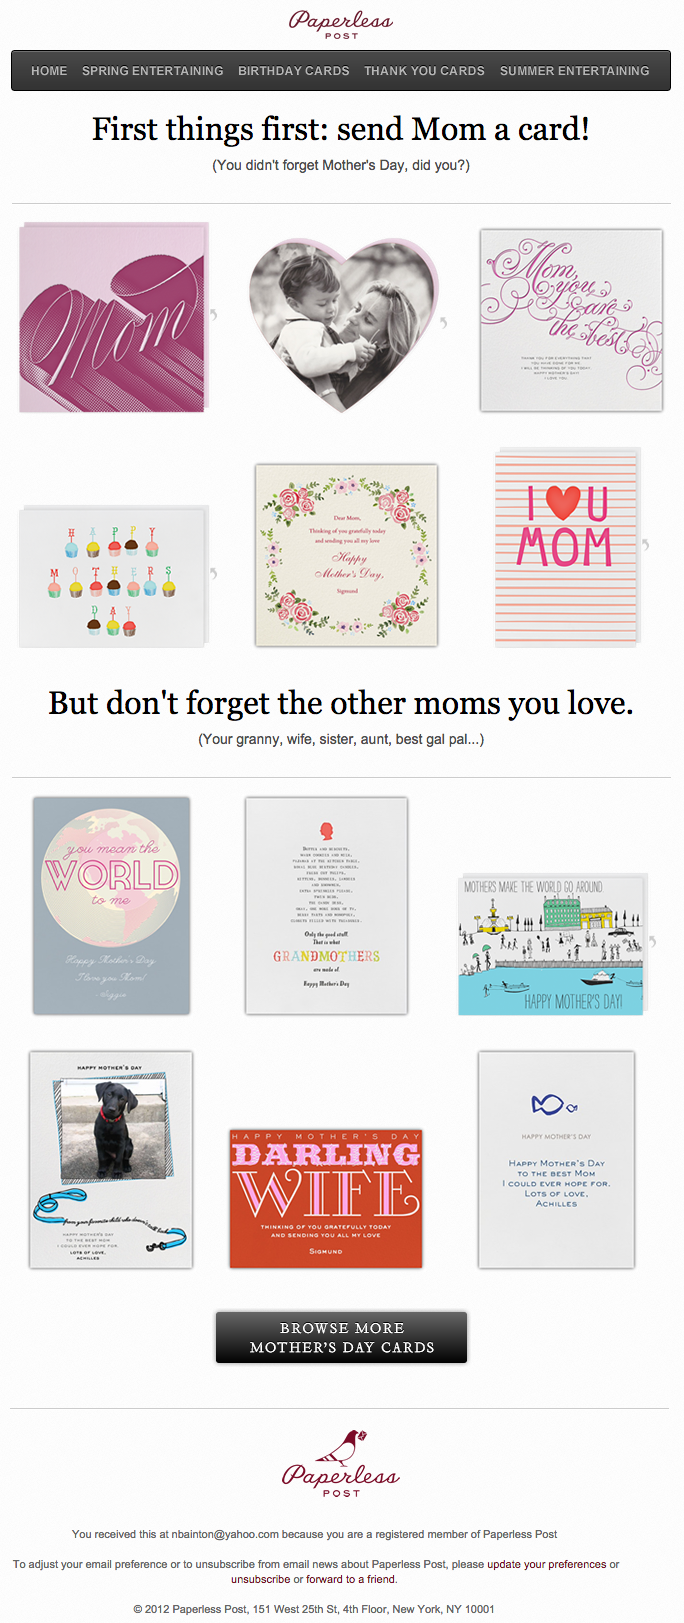 Ejemplo de campaña de marketing por correo electrónico de Paperless Post en el Día de la Madre